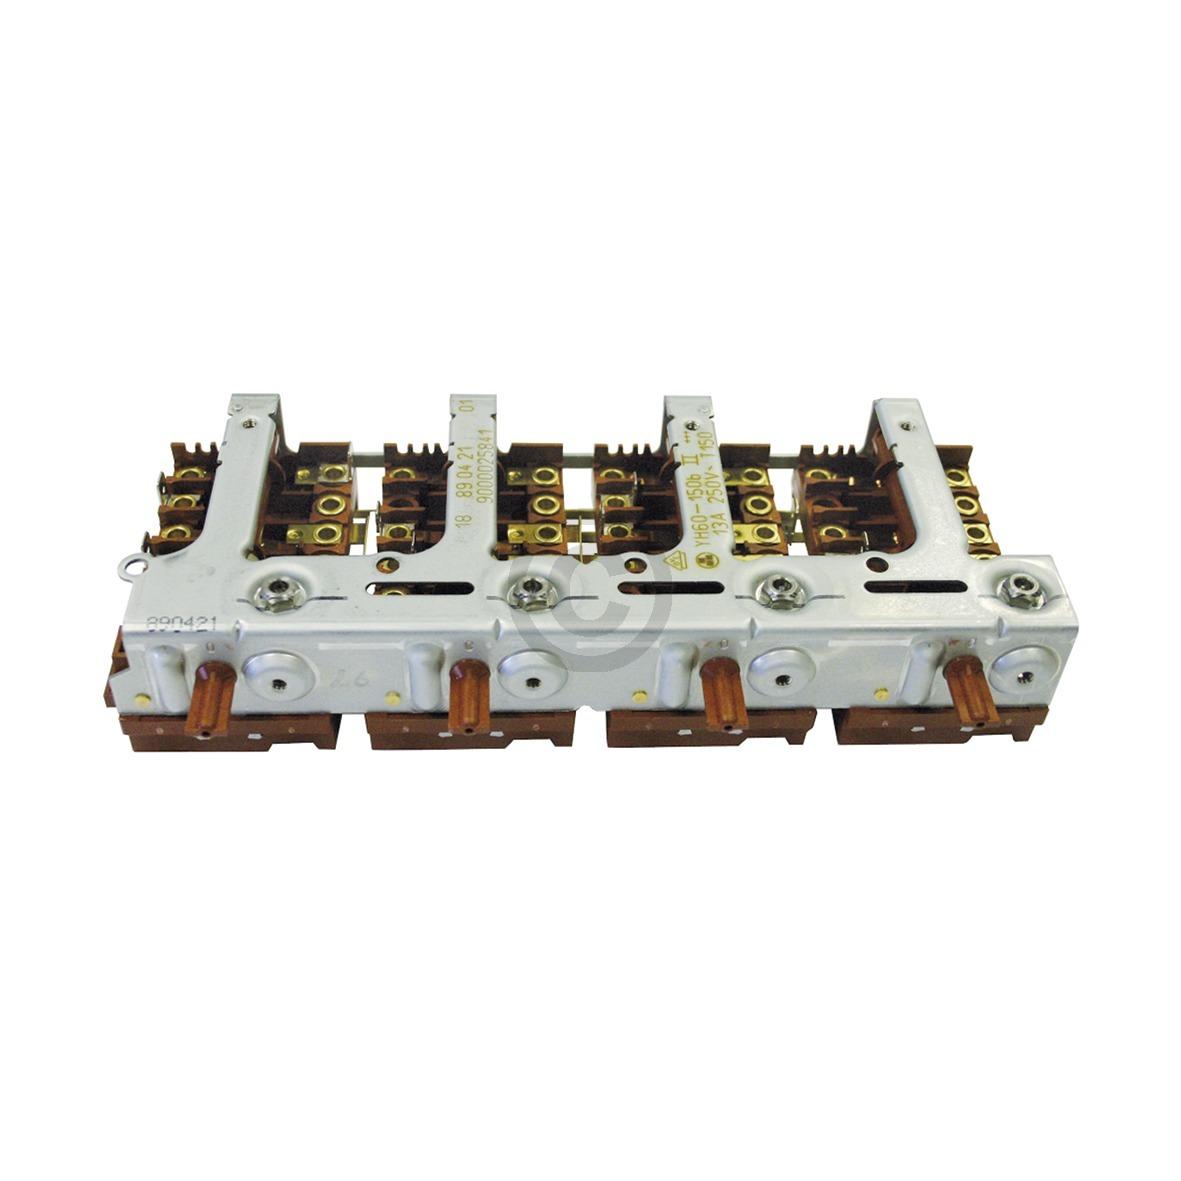 Kochplattenschalterblock Bosch 00496044 Vierereinheit YH60-150bII für Herd